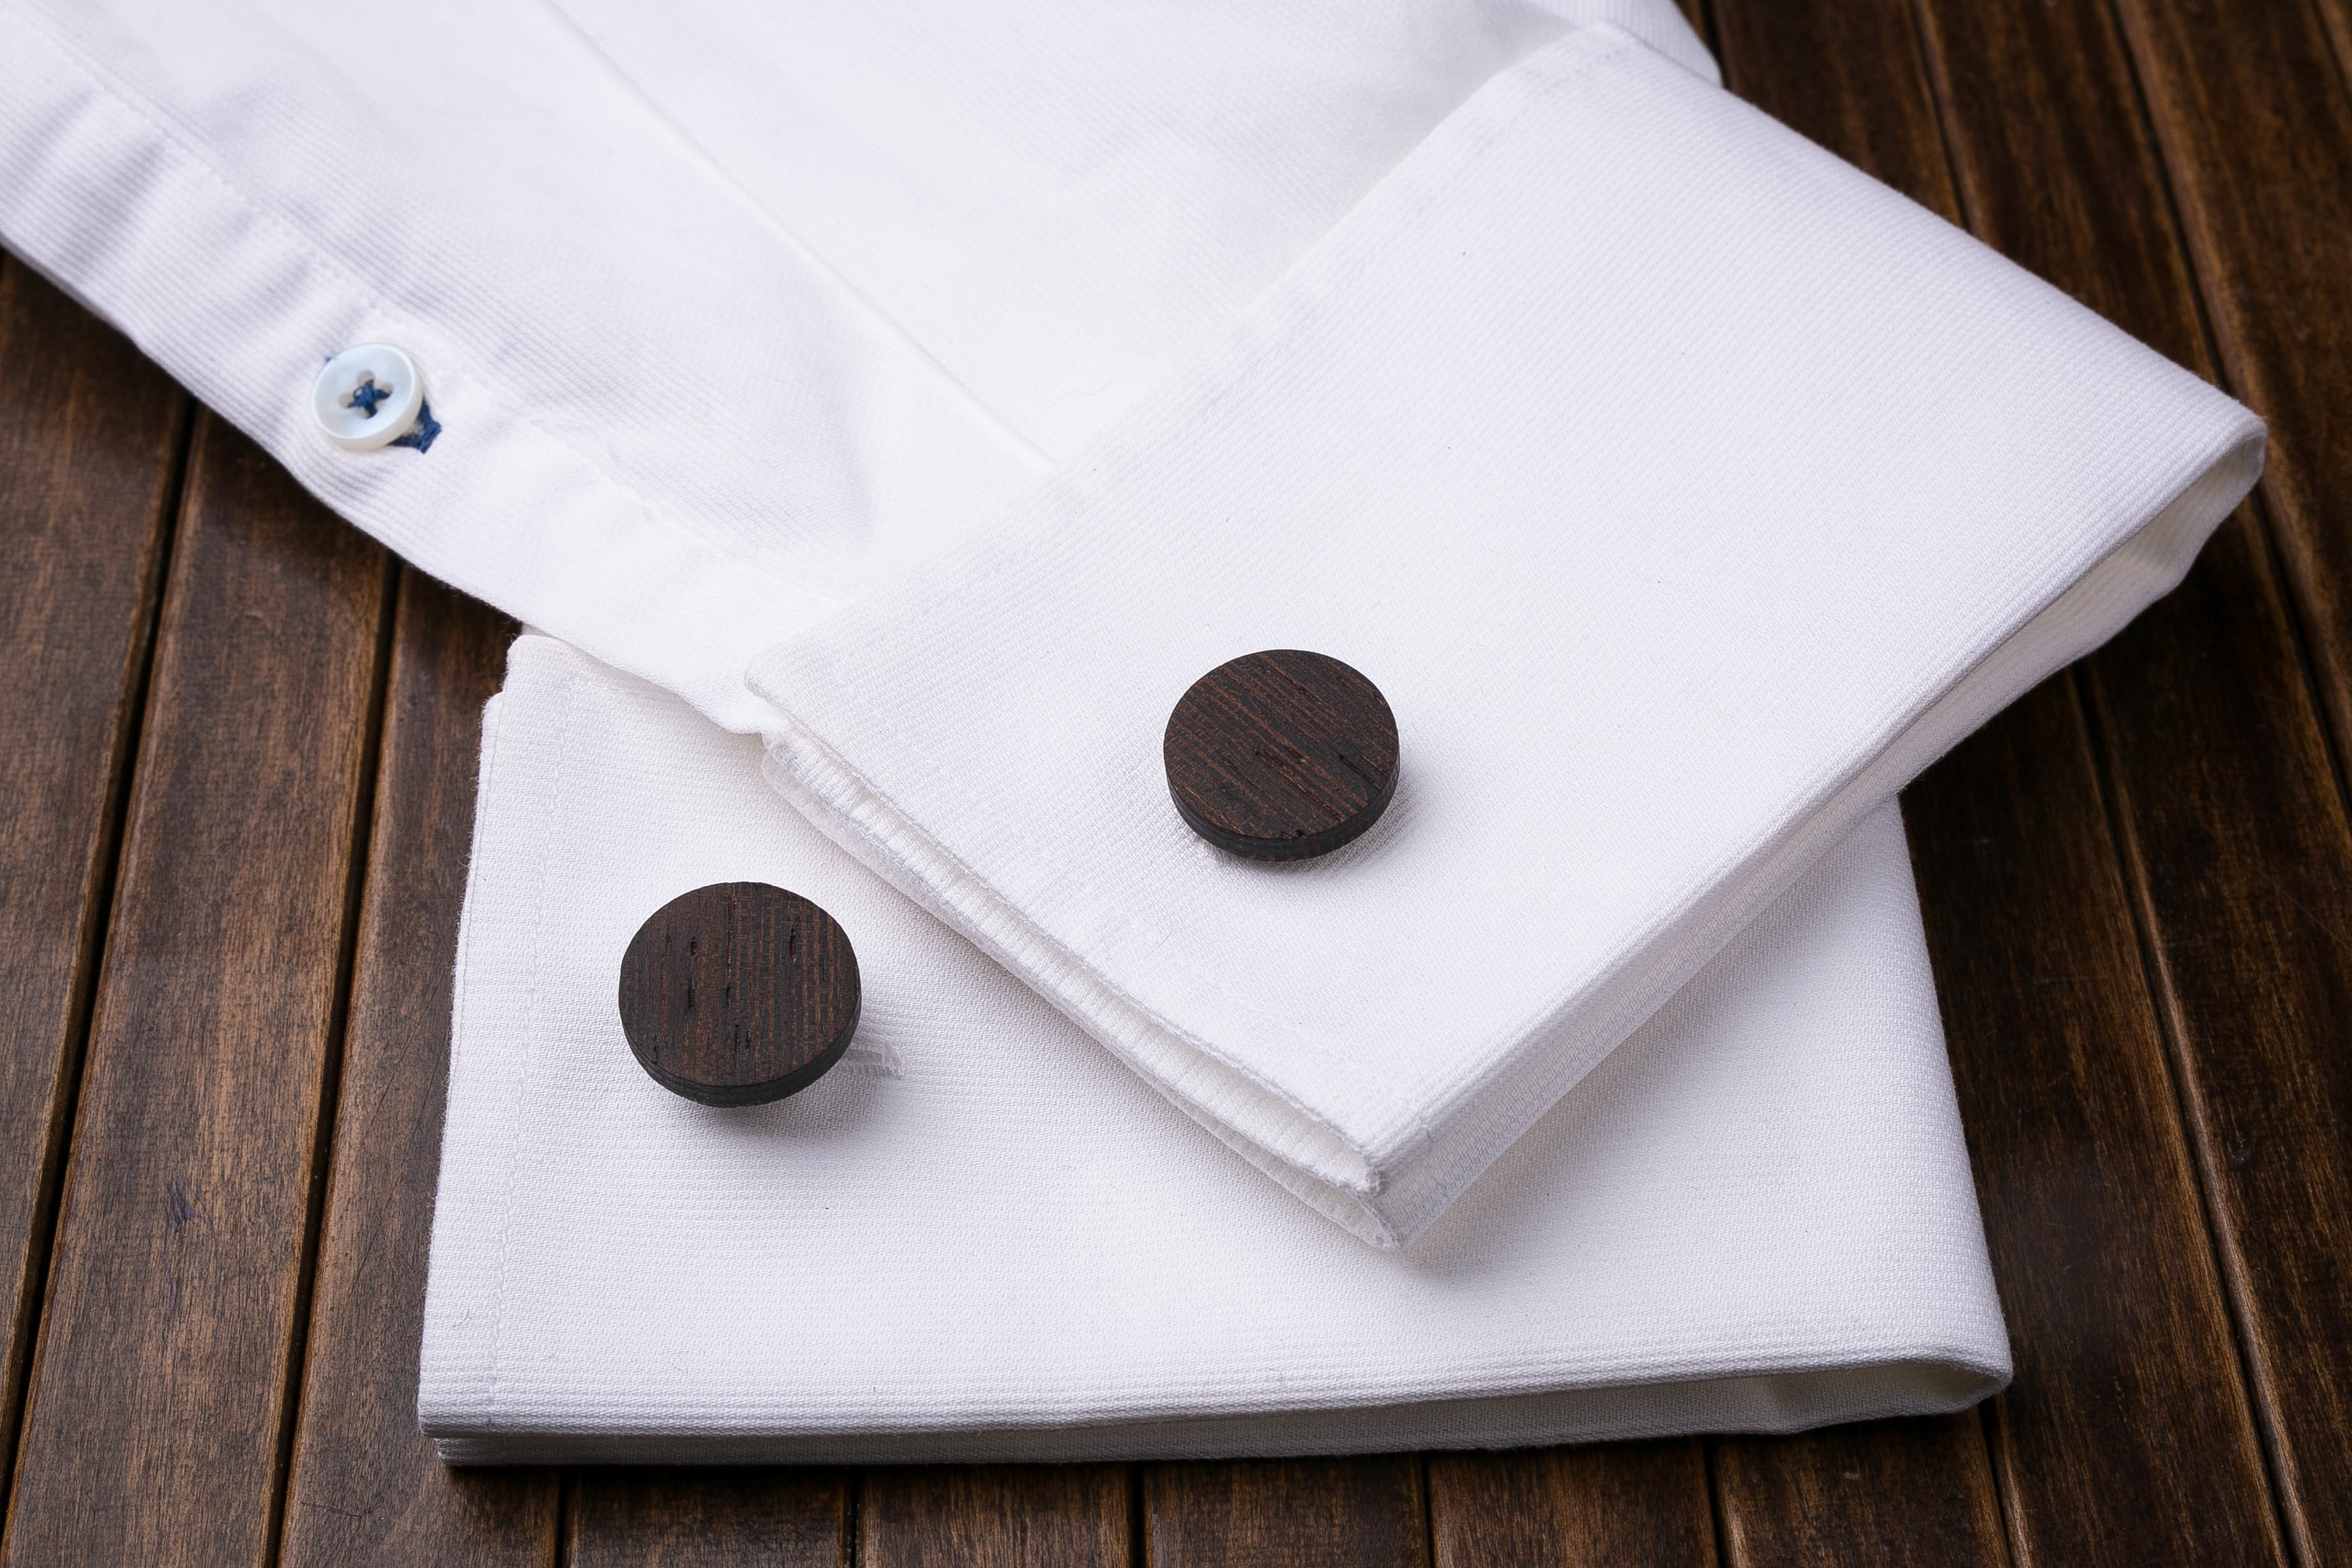 Комплект: Круглые запонки из дерева и Деревянный зажим для галстука. Массив венге. Гравировка инициалов. Упаковка в комплекте